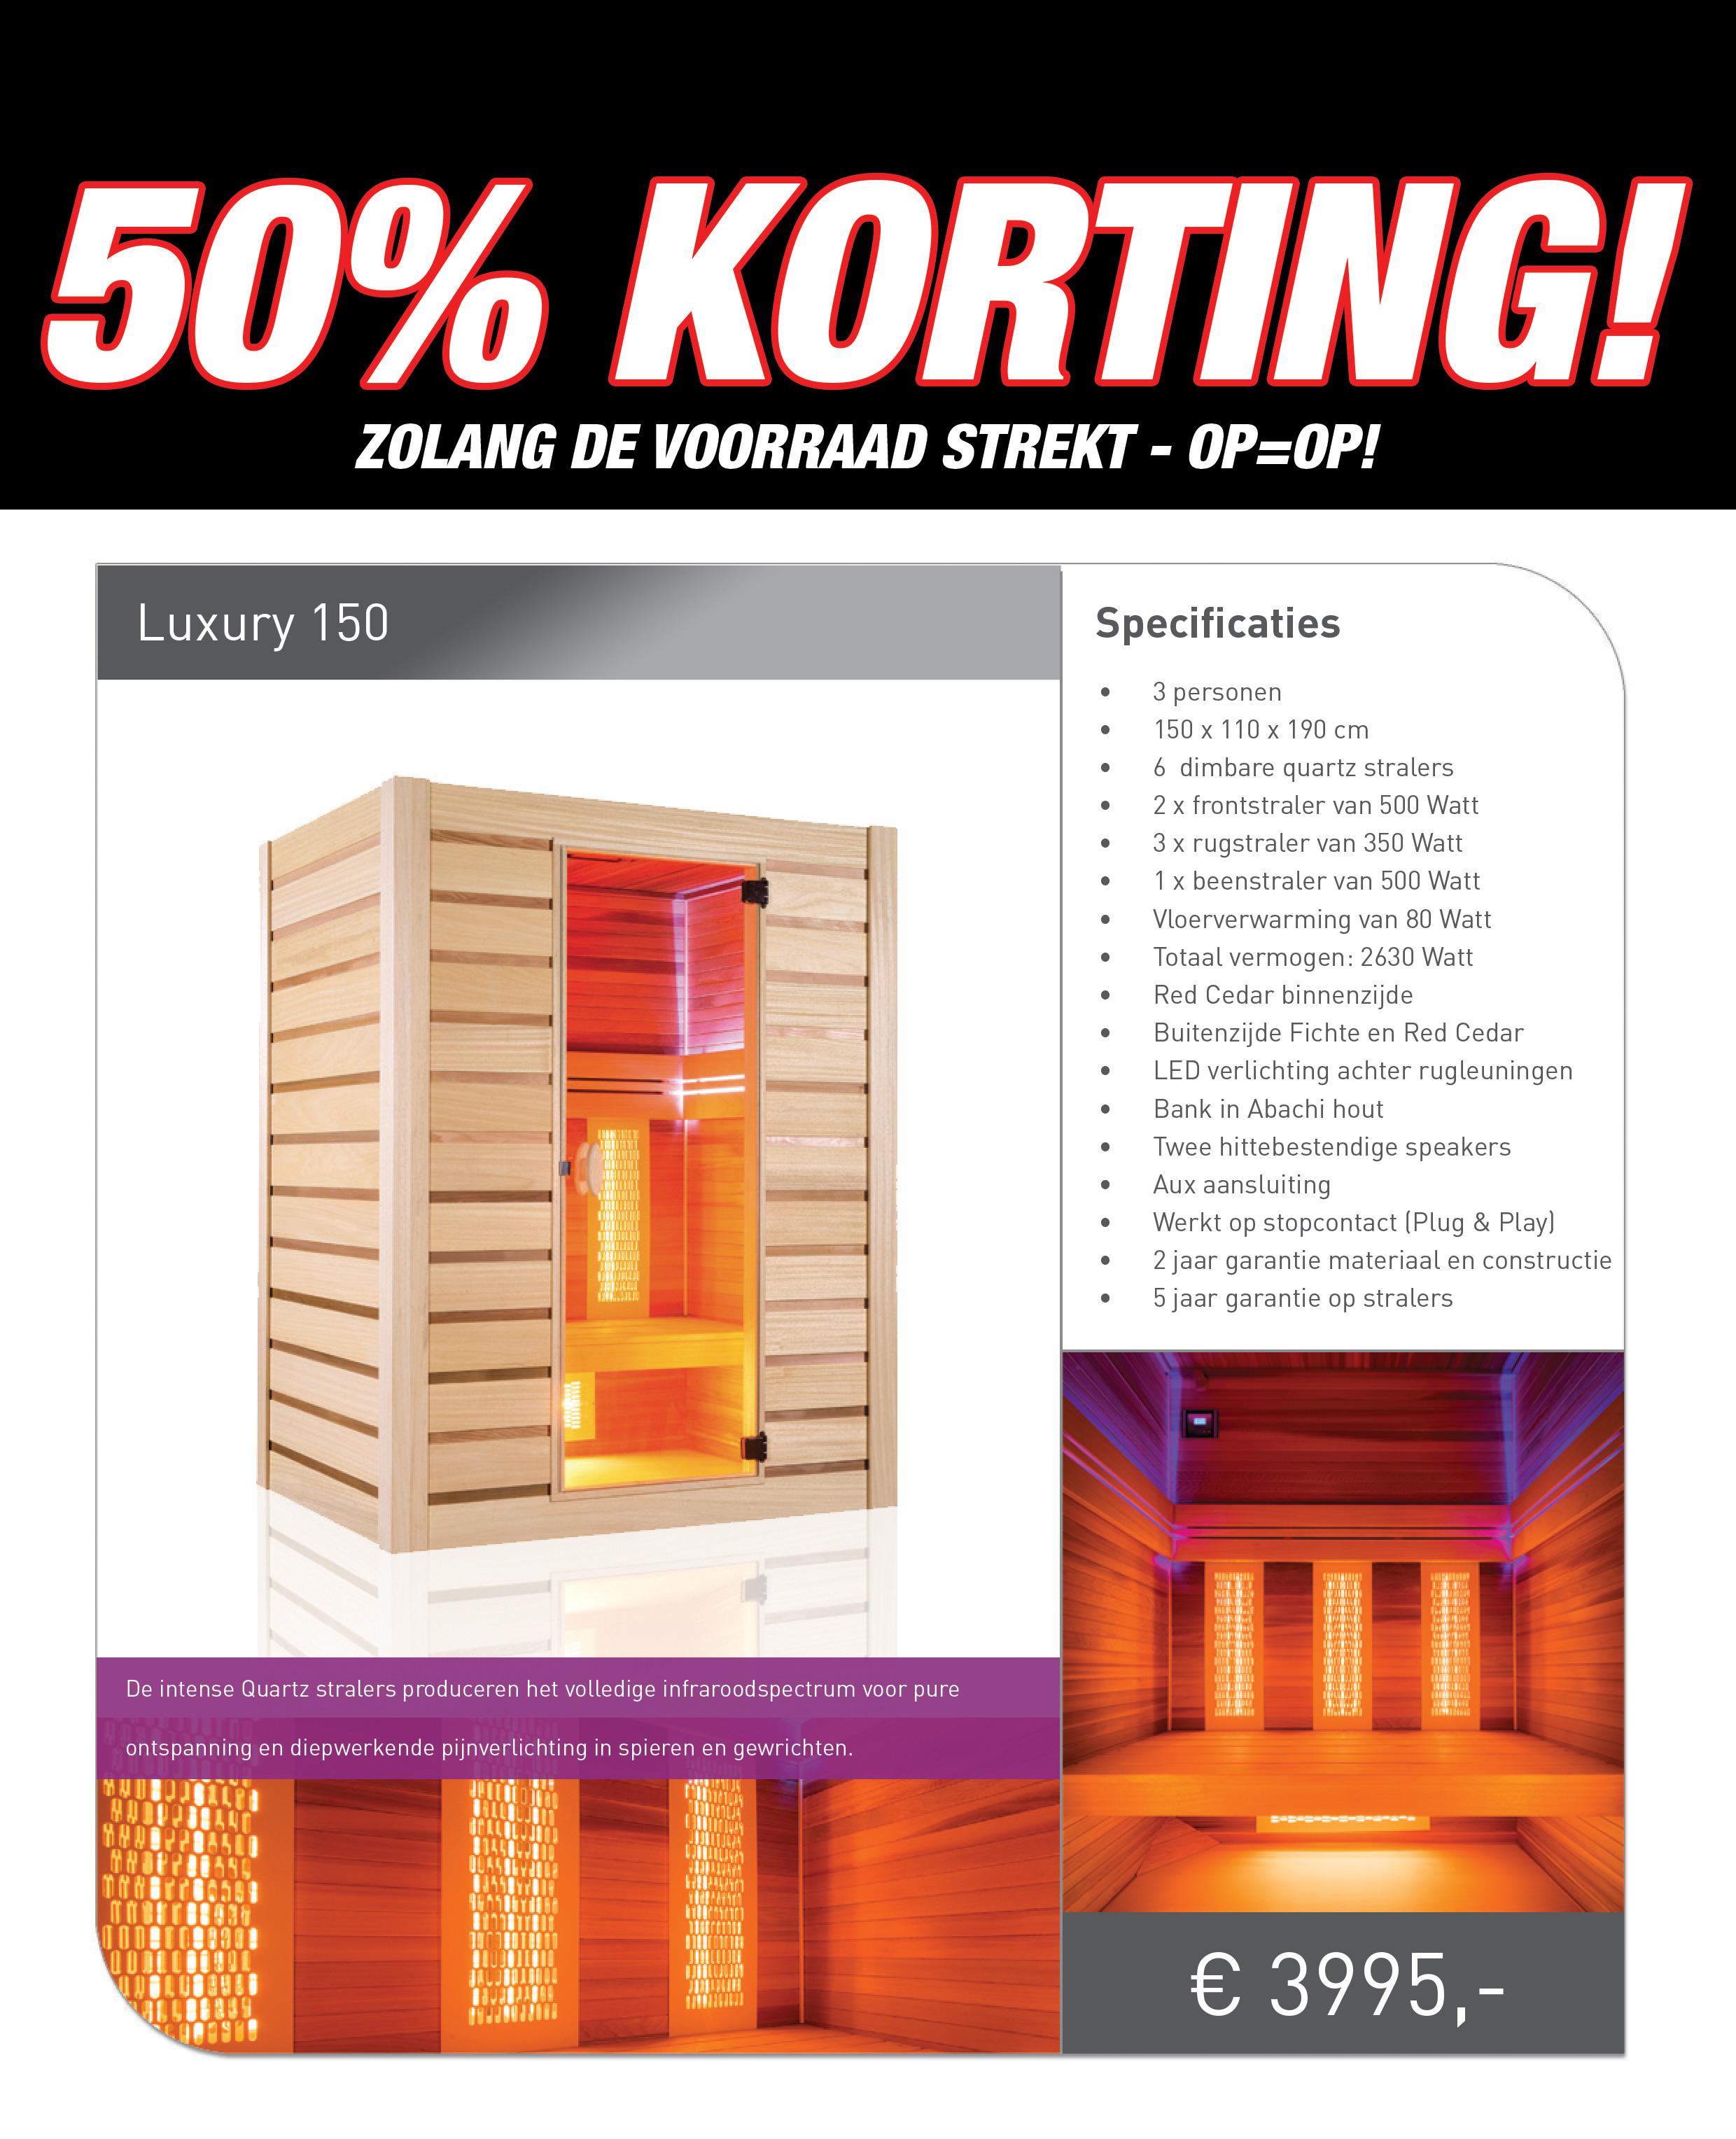 Luxury 150 infrarood sauna